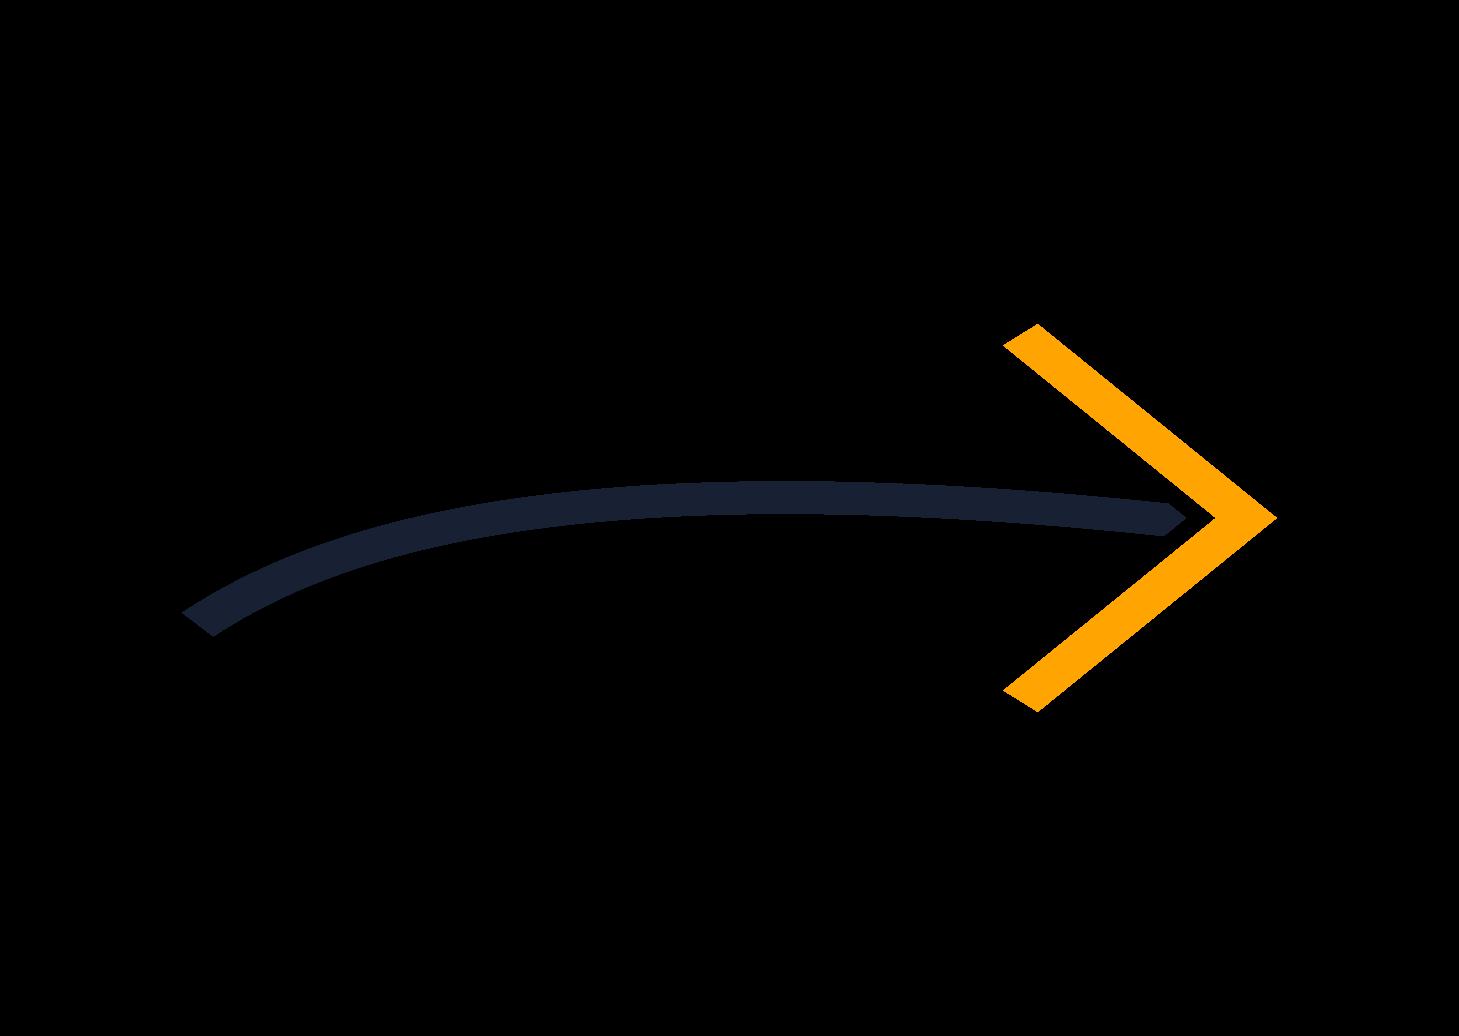 fixn arrow 2